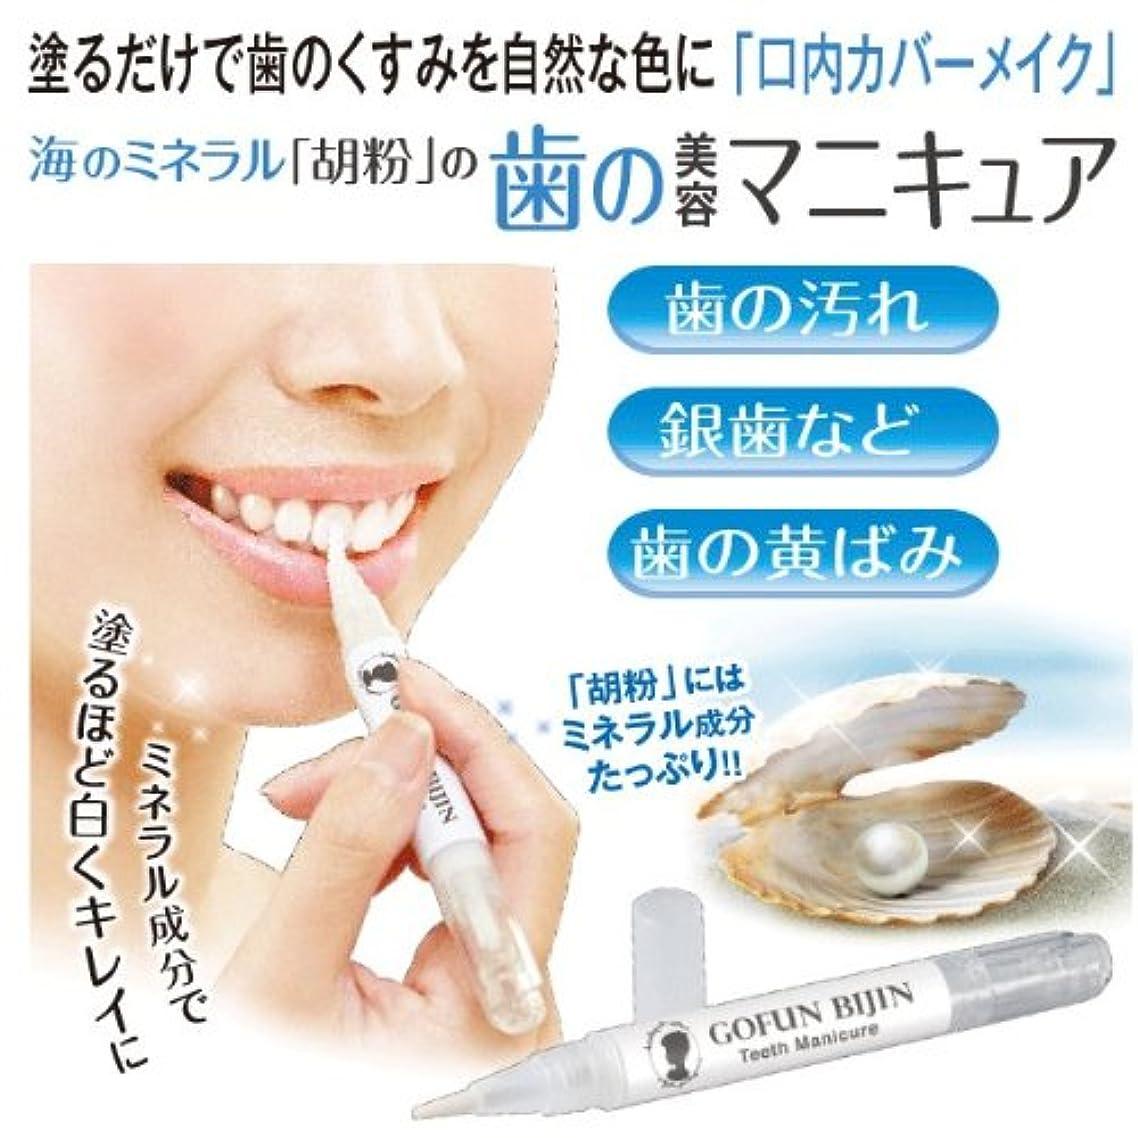 マーガレットミッチェル読みやすい追加胡粉美人 歯マニキュア 歯にミネラルを補給してキレイに